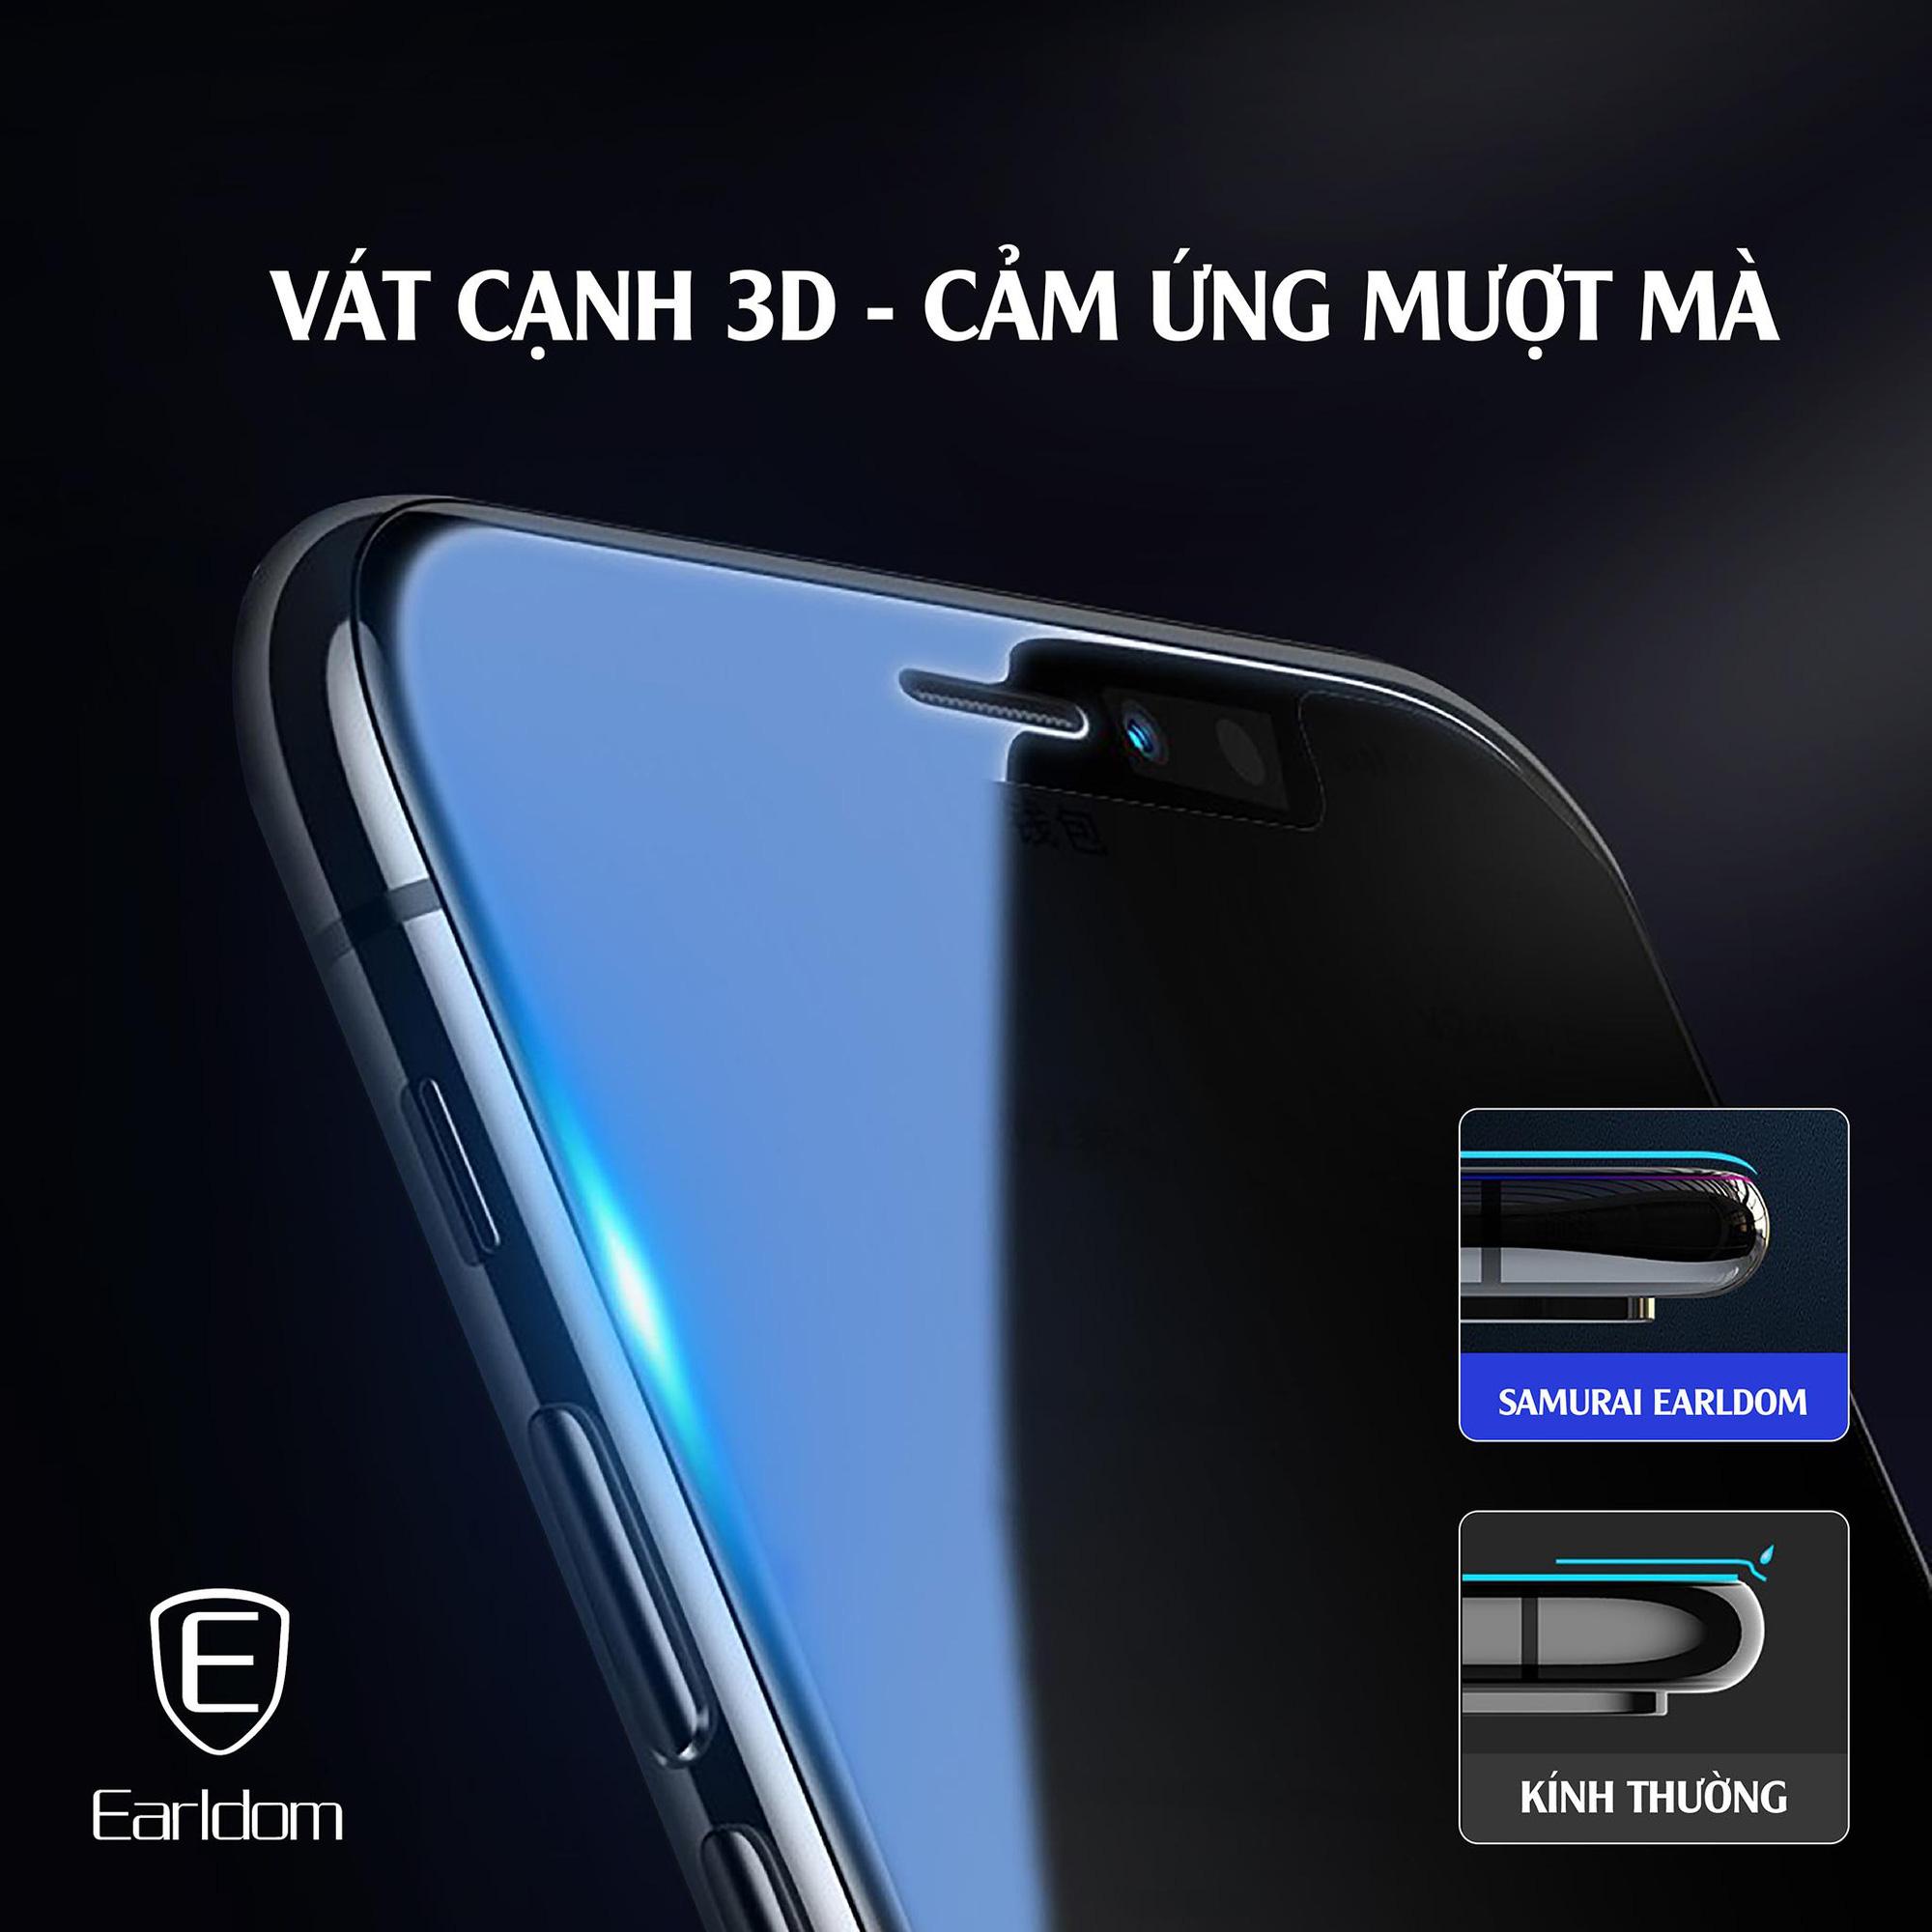 Earldom Việt Nam ra mắt sản phẩm kính cường lực bảo vệ điện thoại và bảo vệ đôi mắt cho người sử dụng smartphone - Ảnh 2.